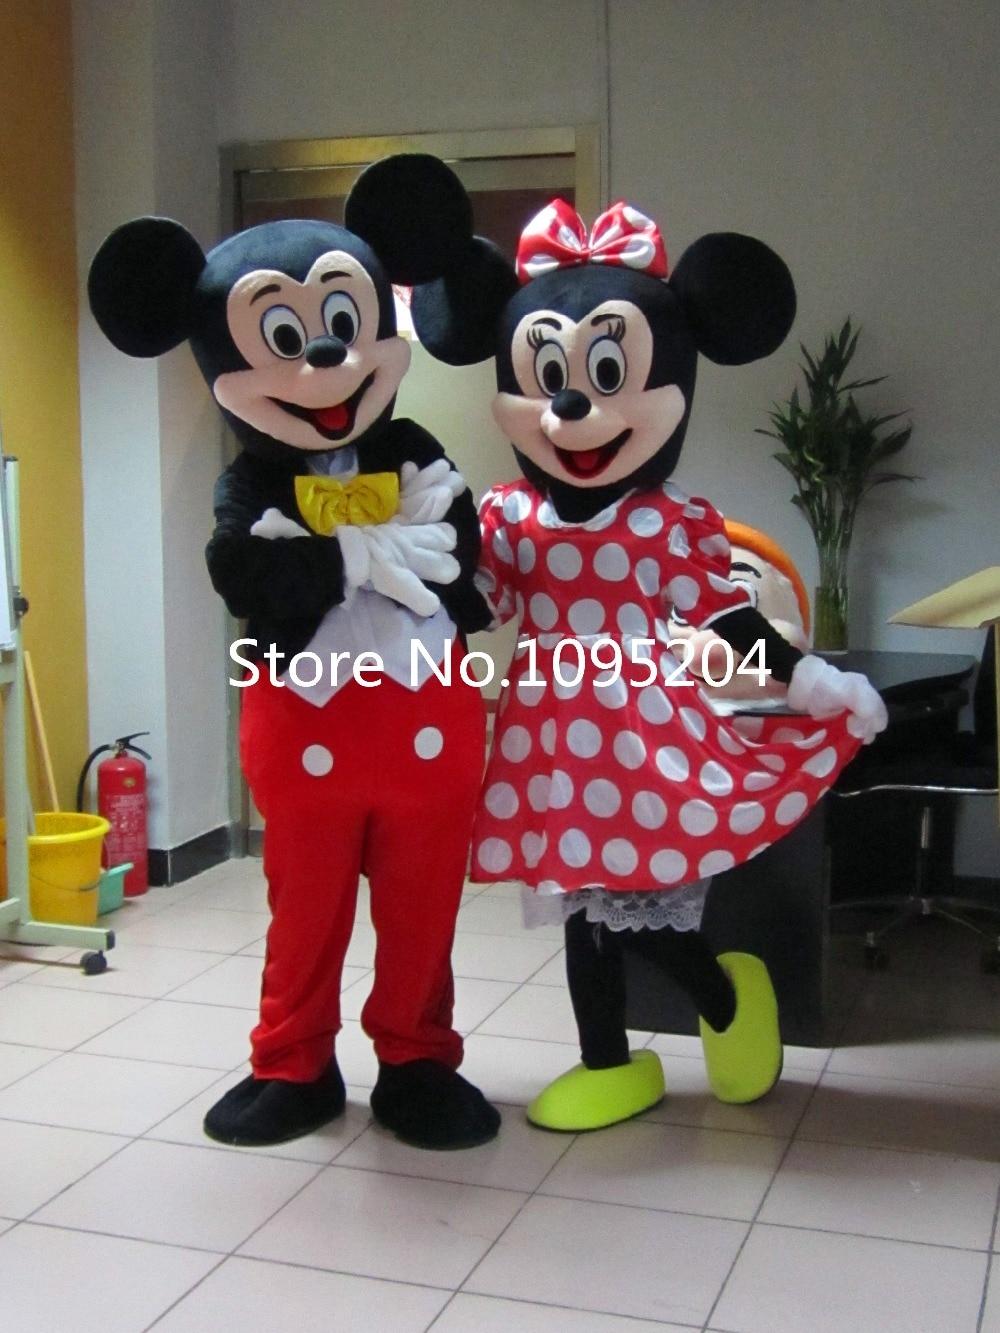 Adulte taille Minnie mascotte costume nouveau Style mascotte Costume Costumes de fête fantaisie dessin animé personnage mascotte robe